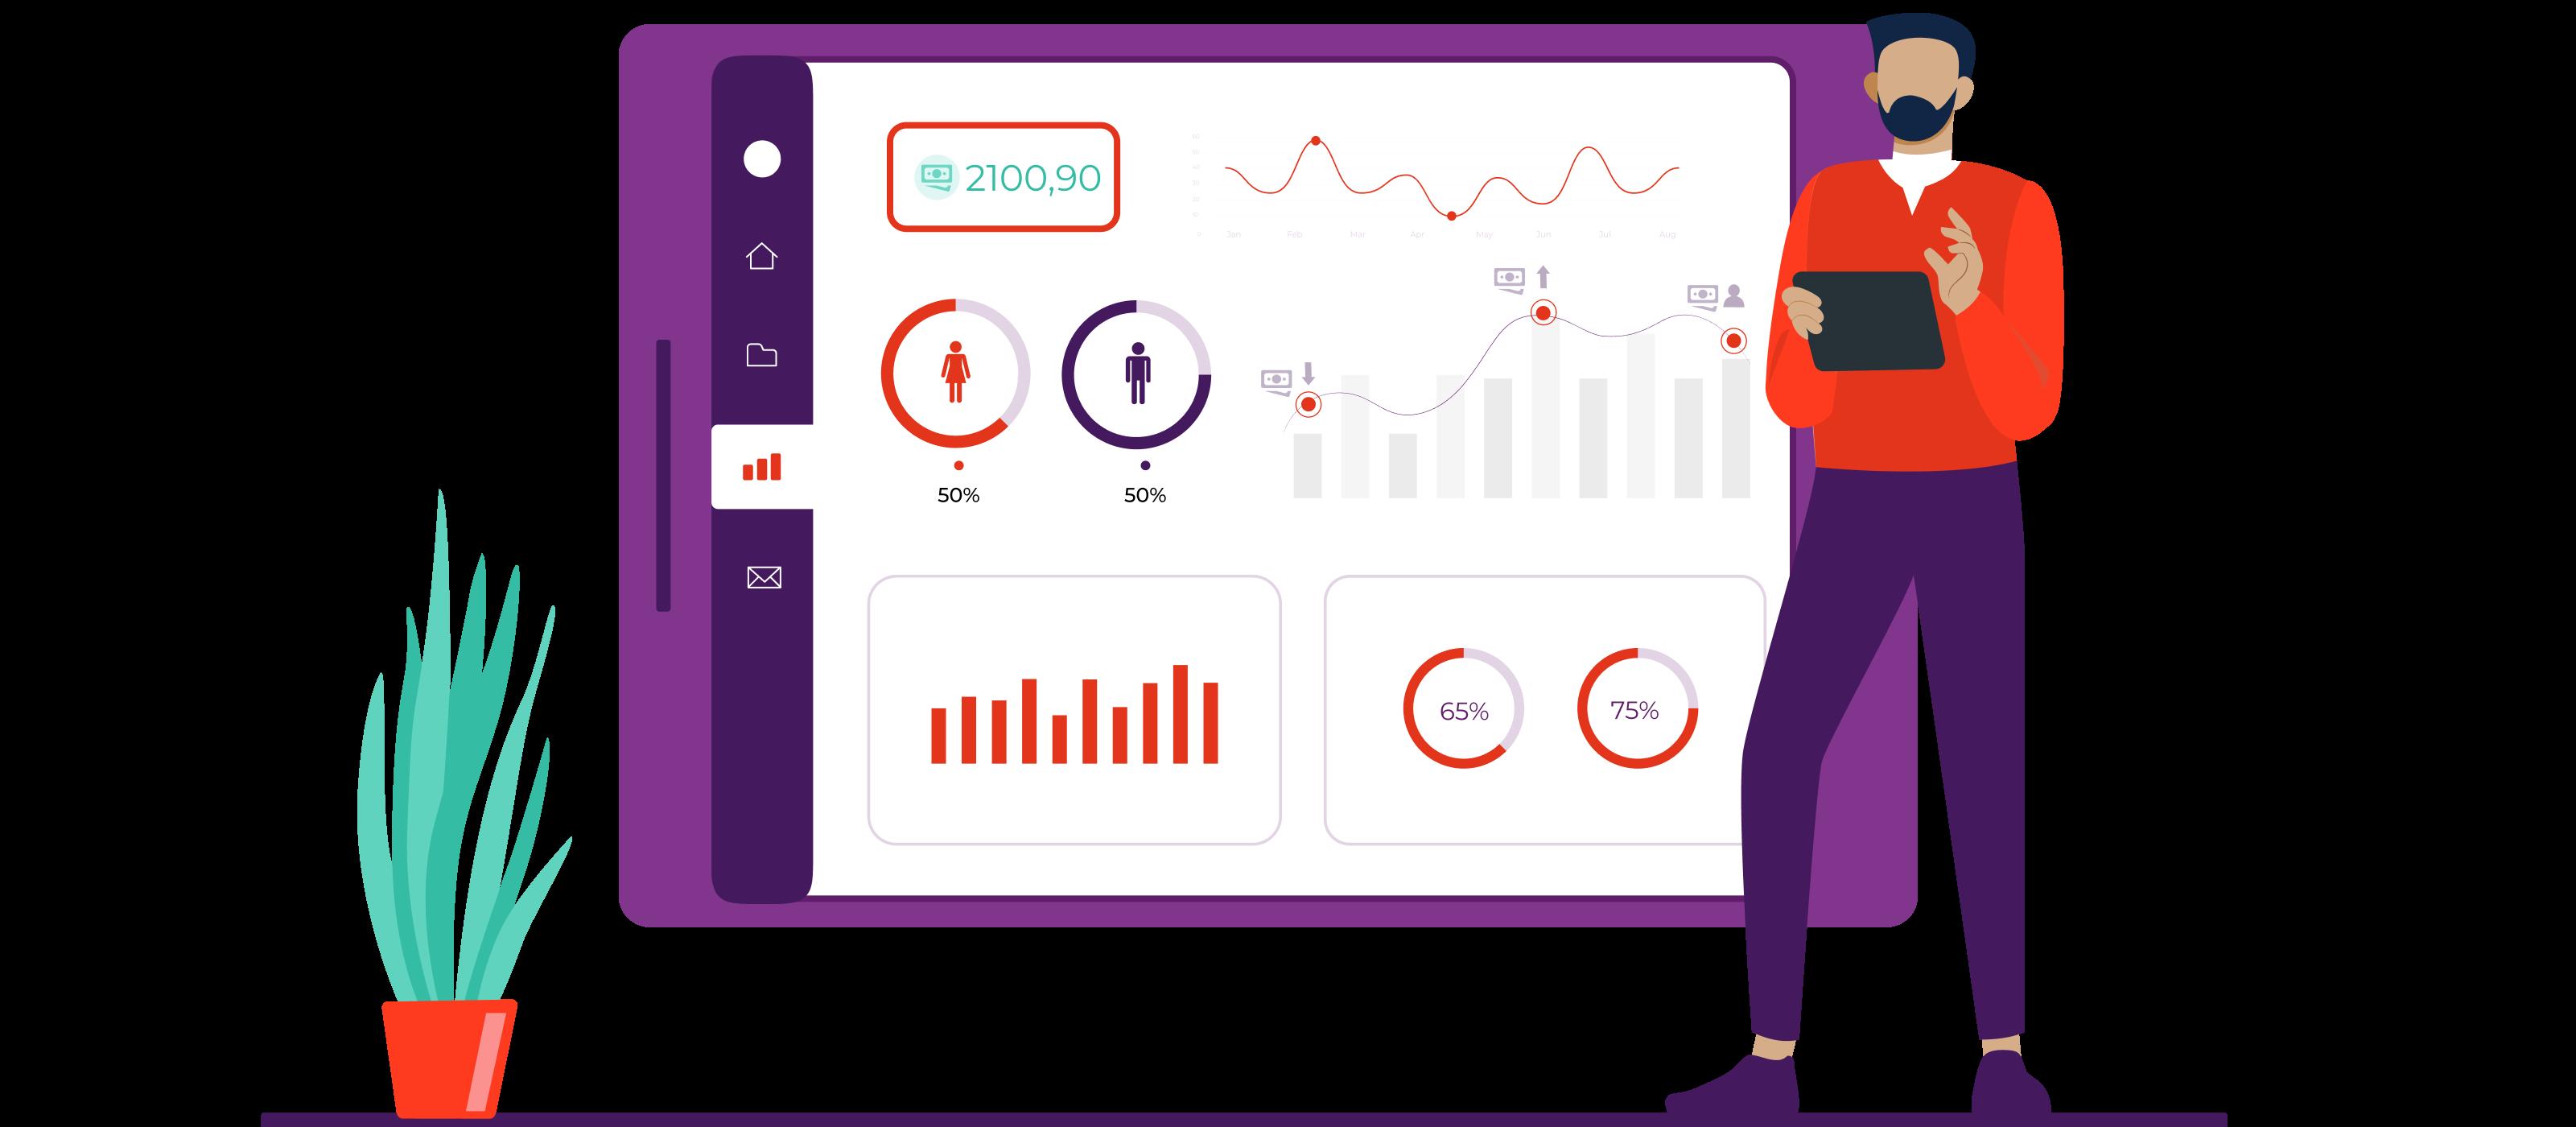 Favor a data-driven approach